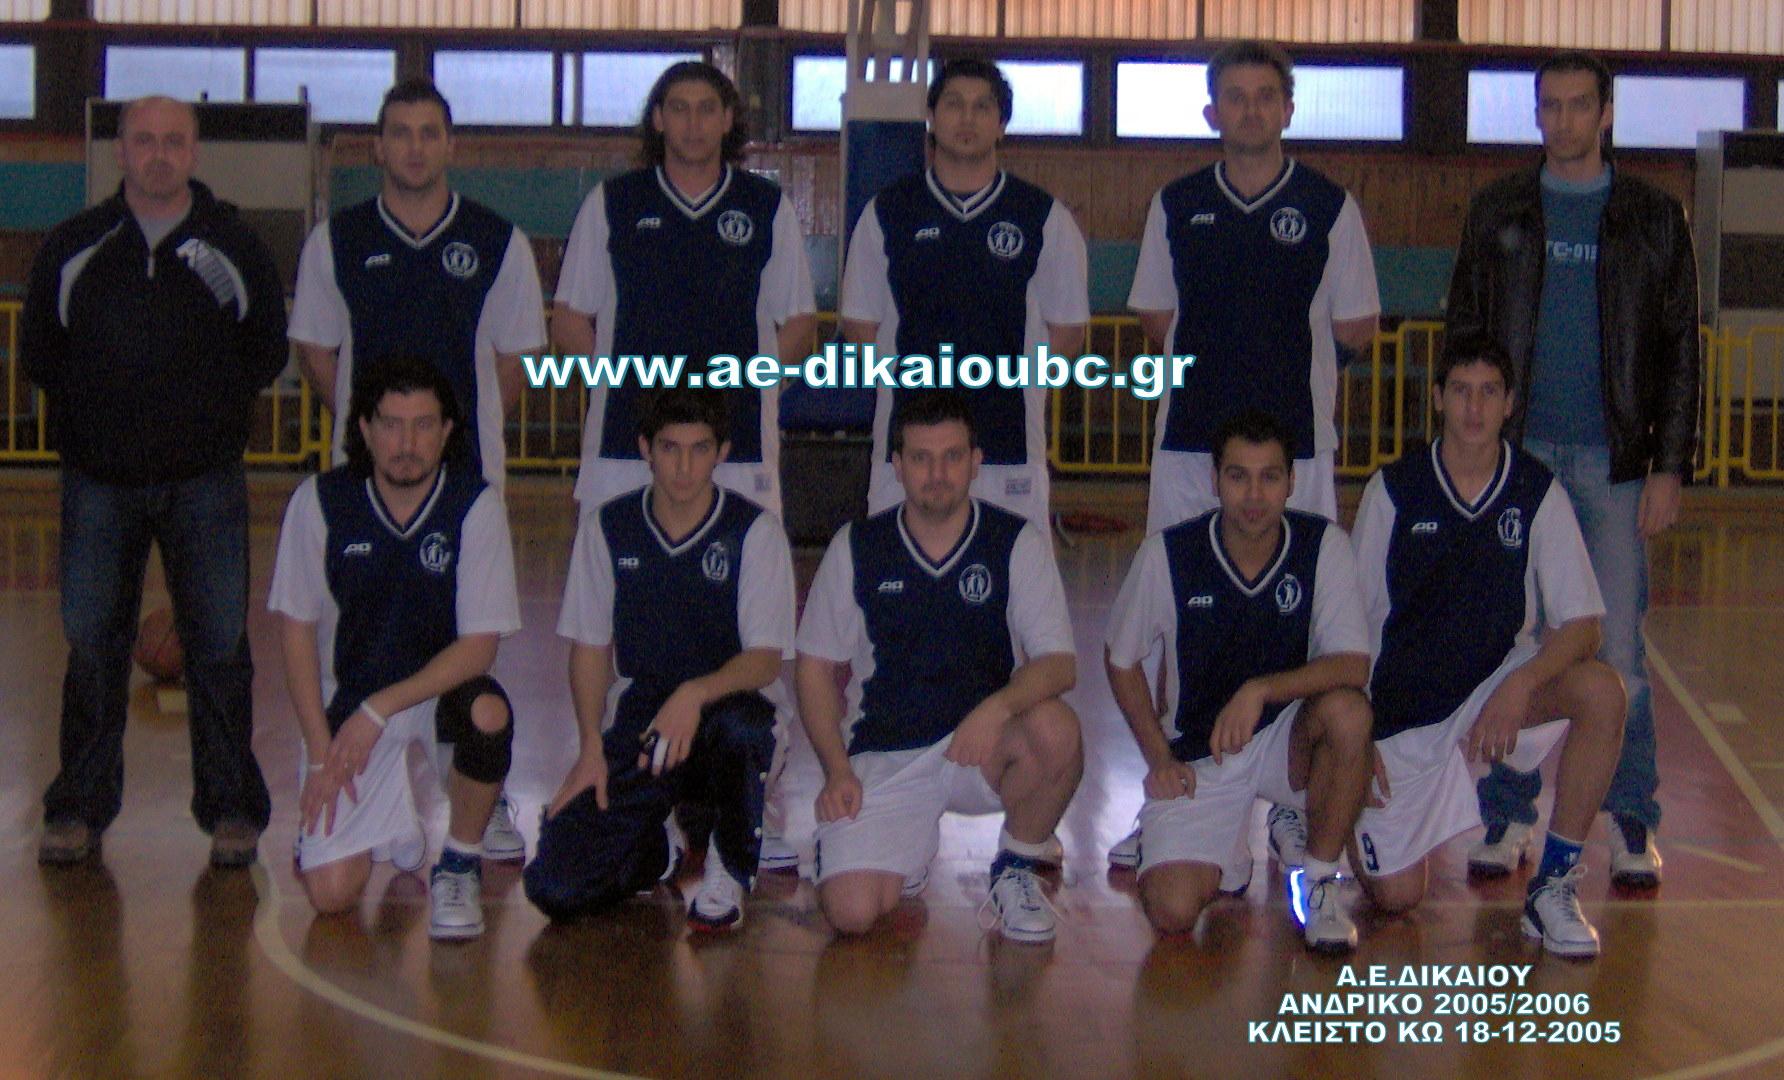 ΑΝΔΡΙΚΟ 2005/2006